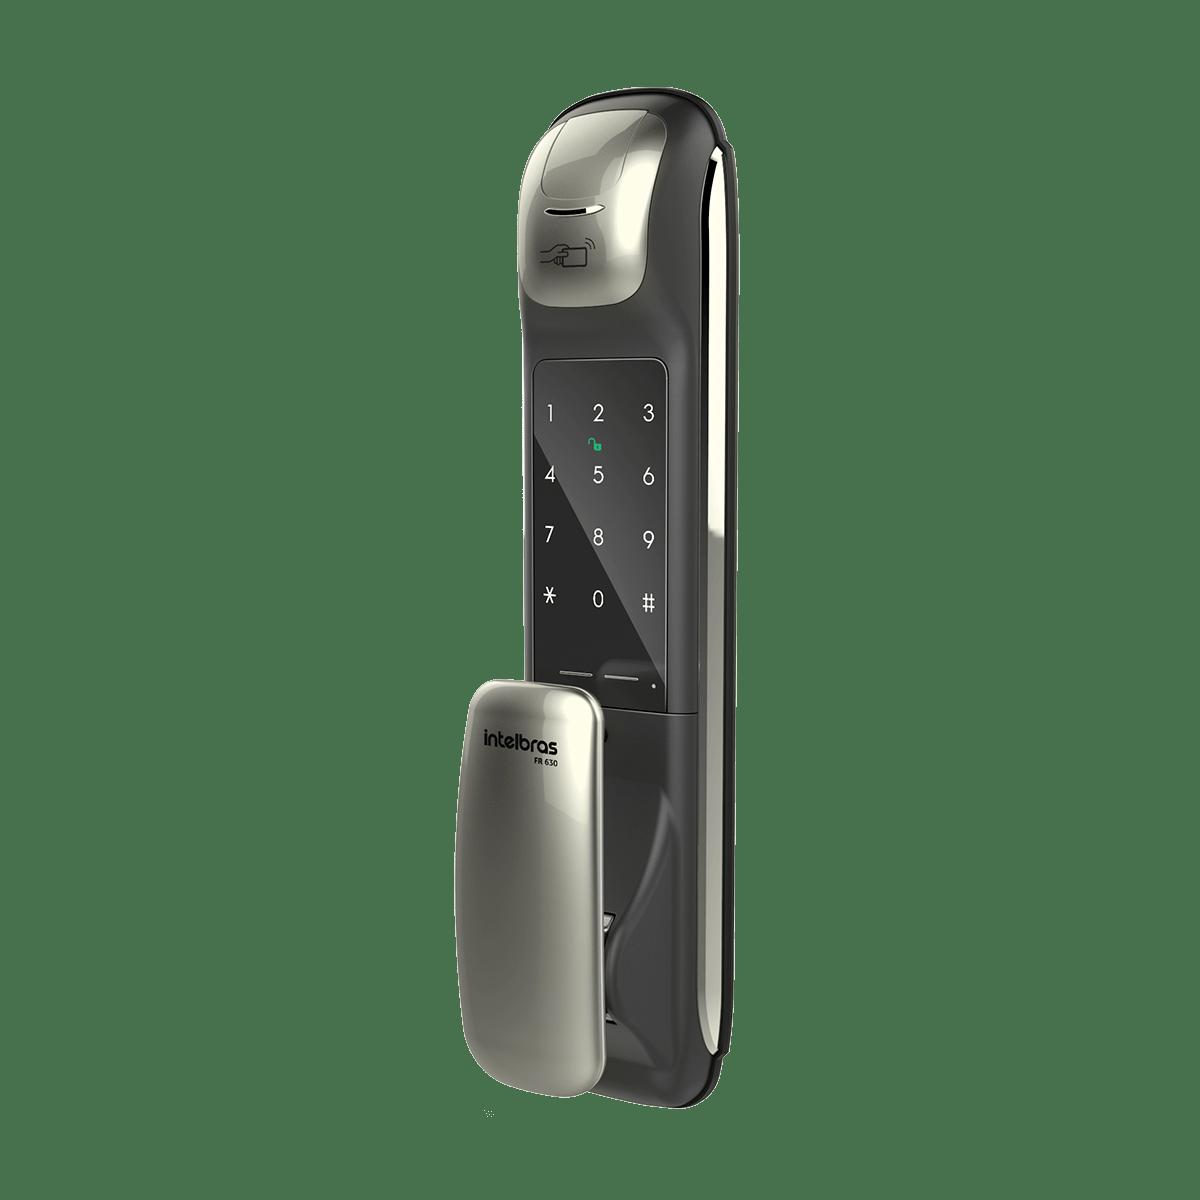 Fechadura digital Intelbras FR 630